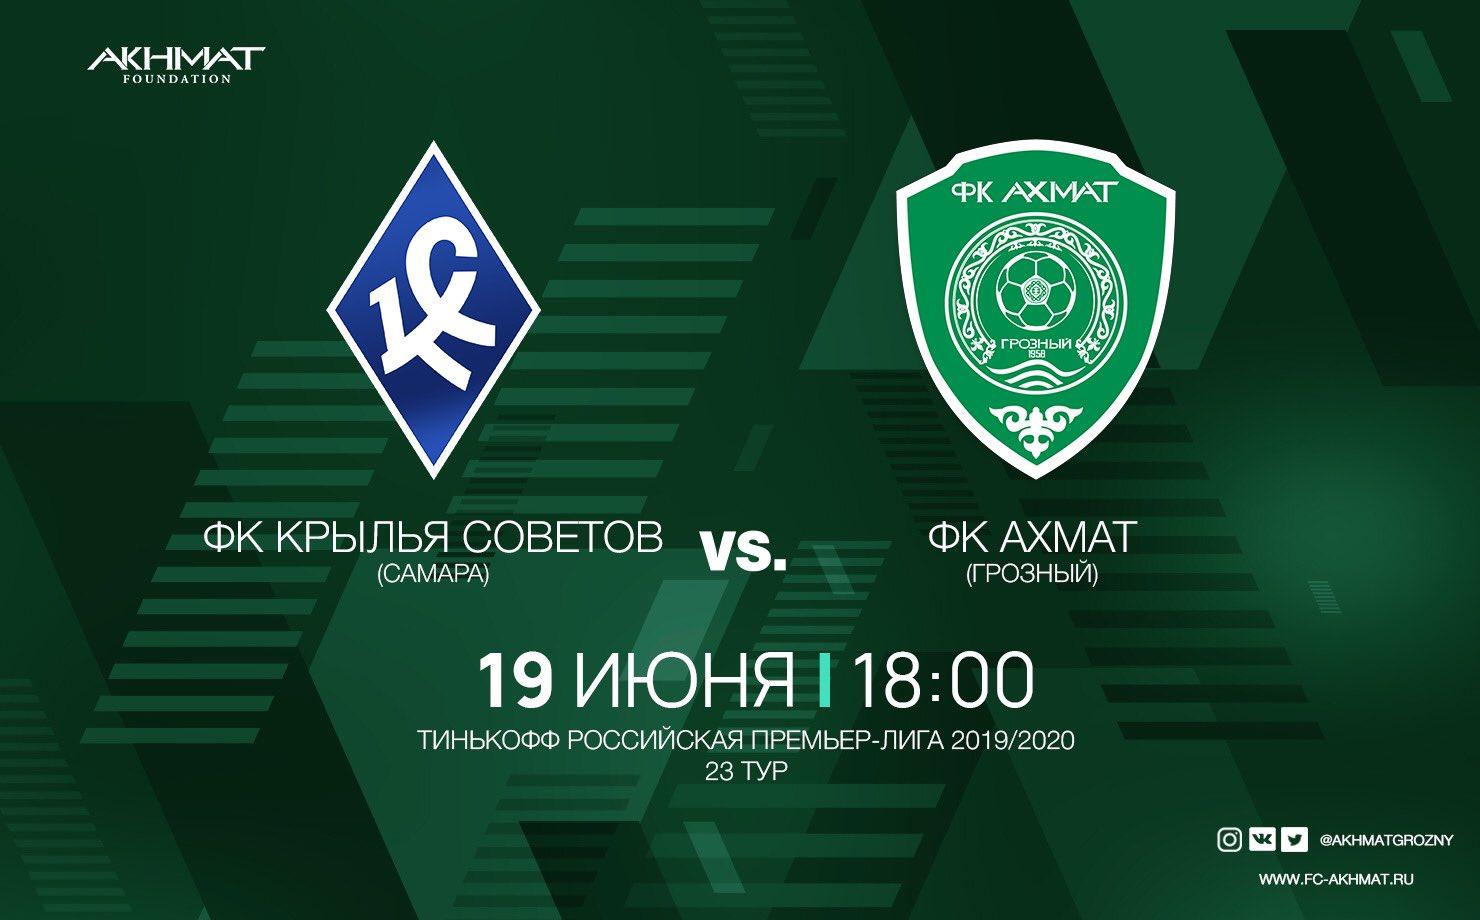 Футбол Крылья Советов - Ахмат 19.06.2020 смотреть онлайн